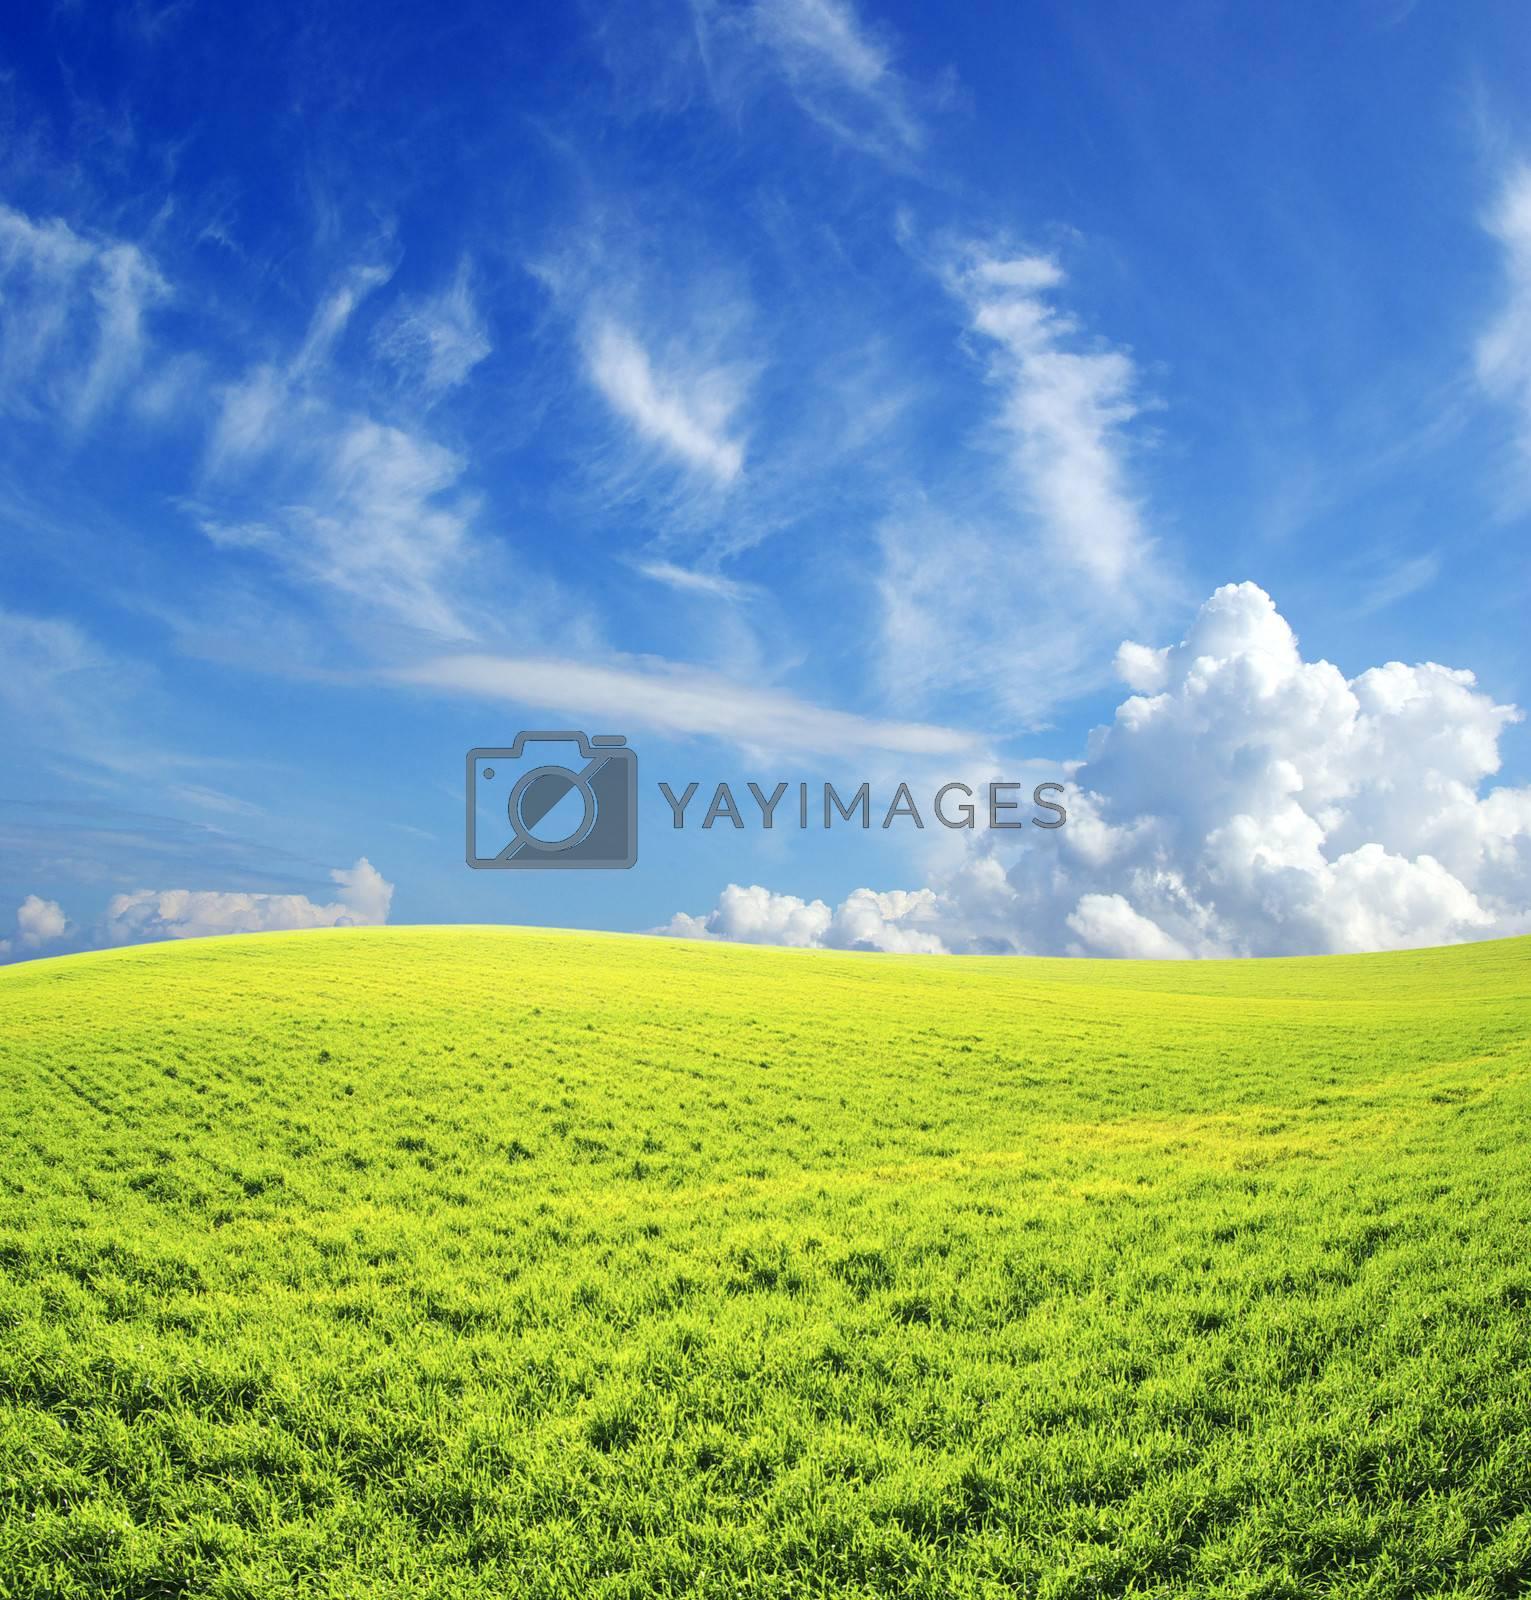 Royalty free image of field by Pakhnyushchyy